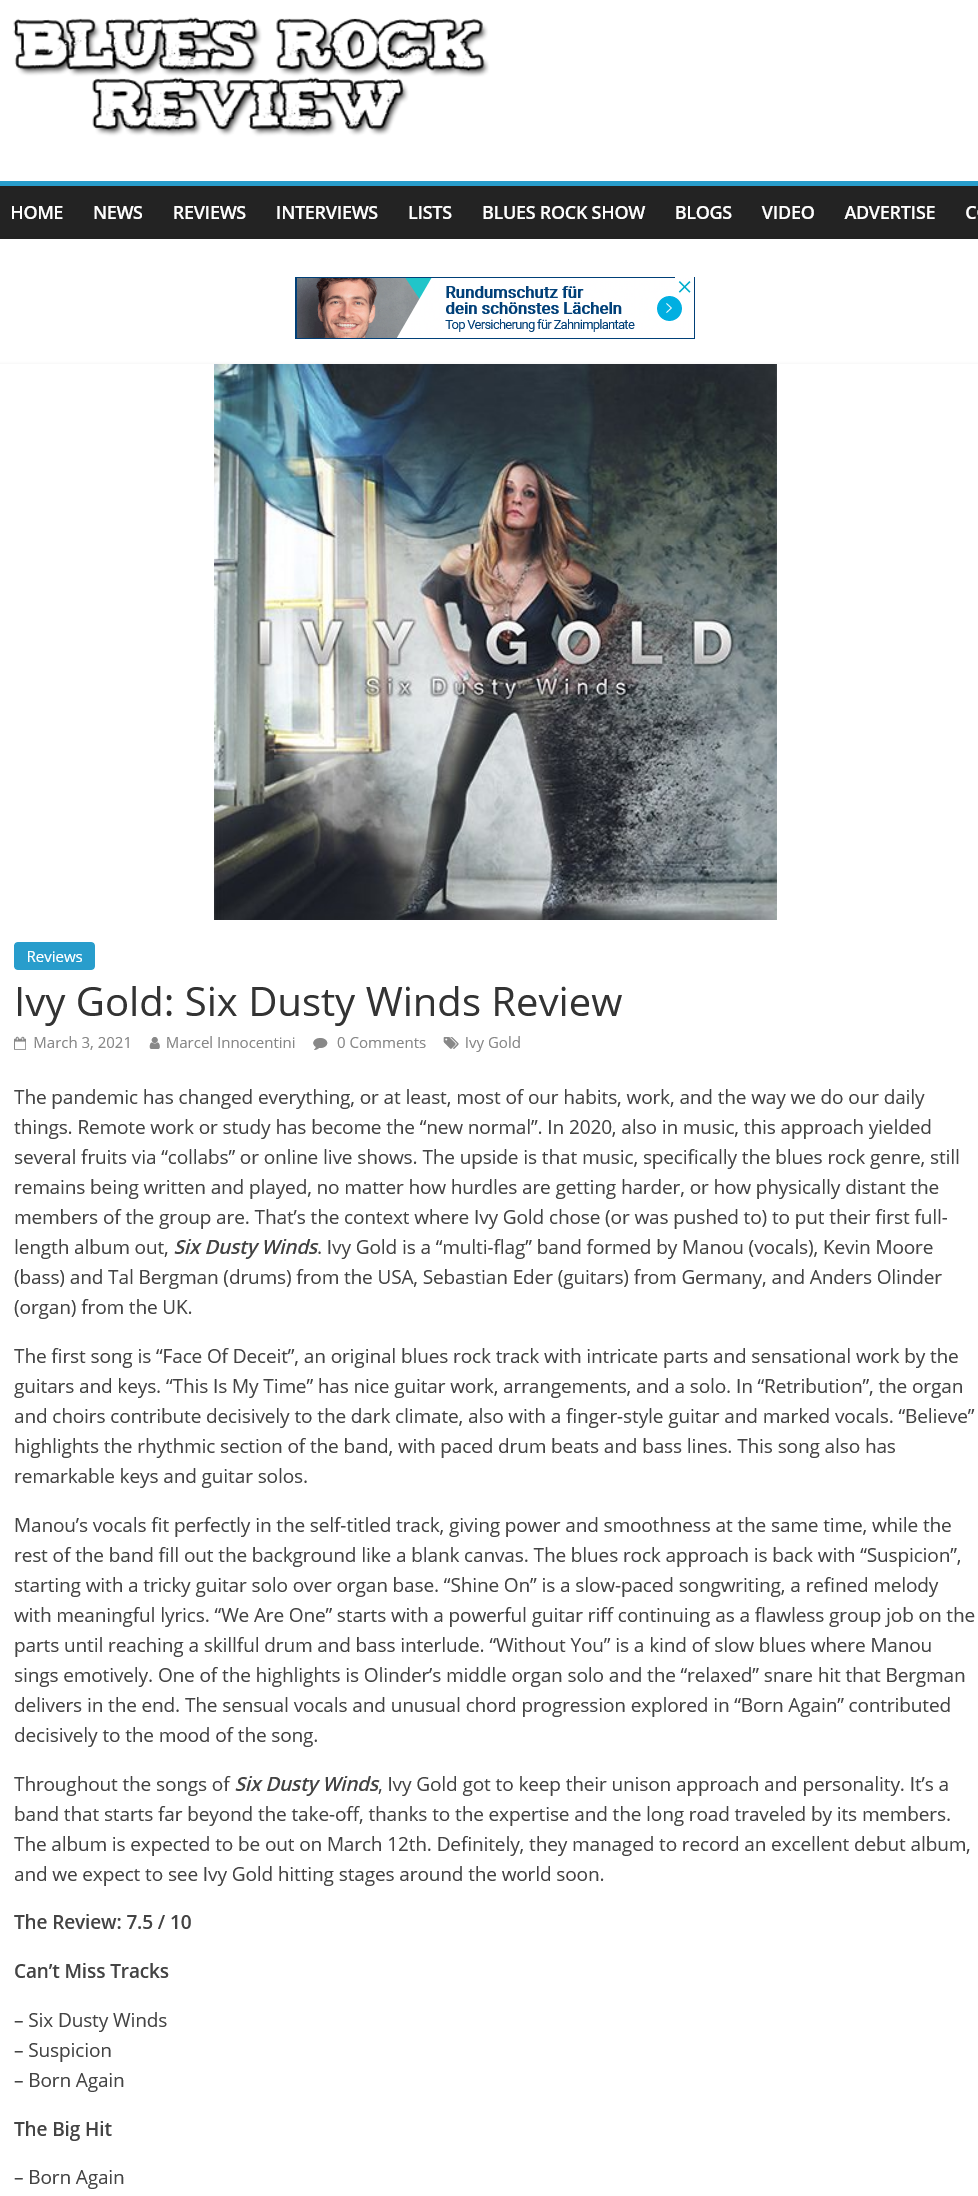 BluesRockReview.com, USA (click for the review)